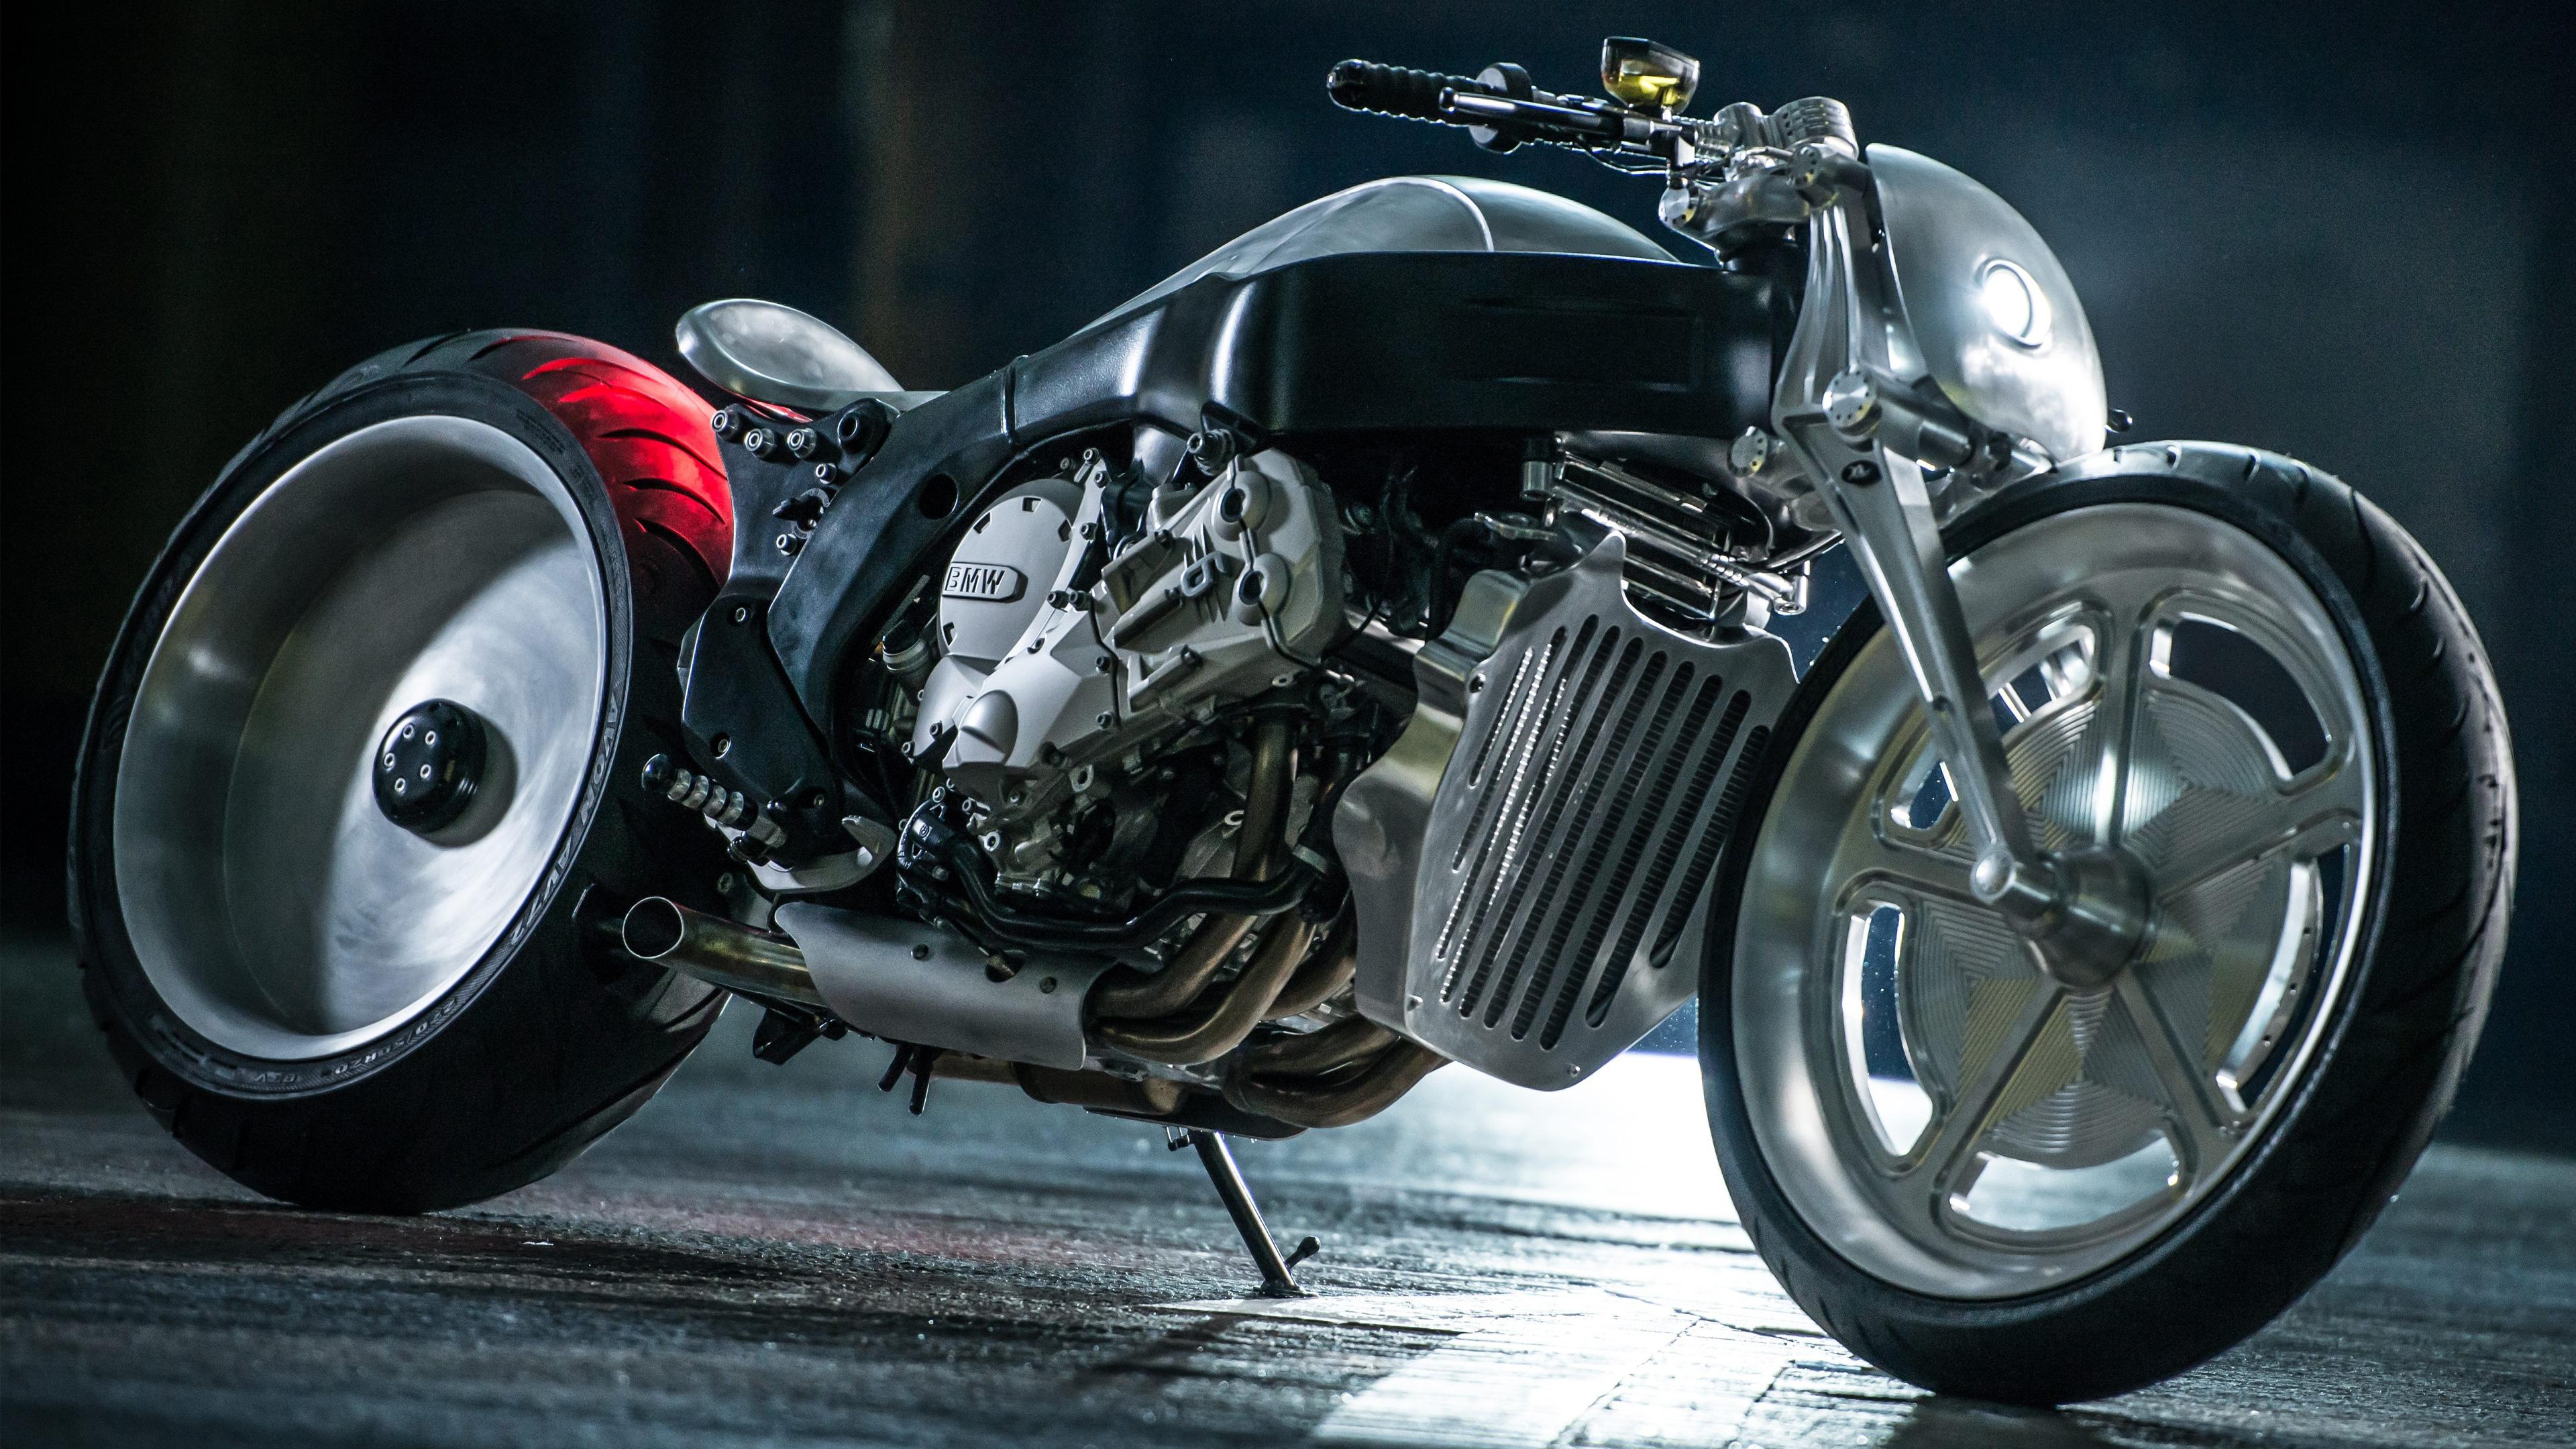 Wallpaper 4k Bmw Motorrad K1600gtl Bmw K1600gtl Motorrad Six